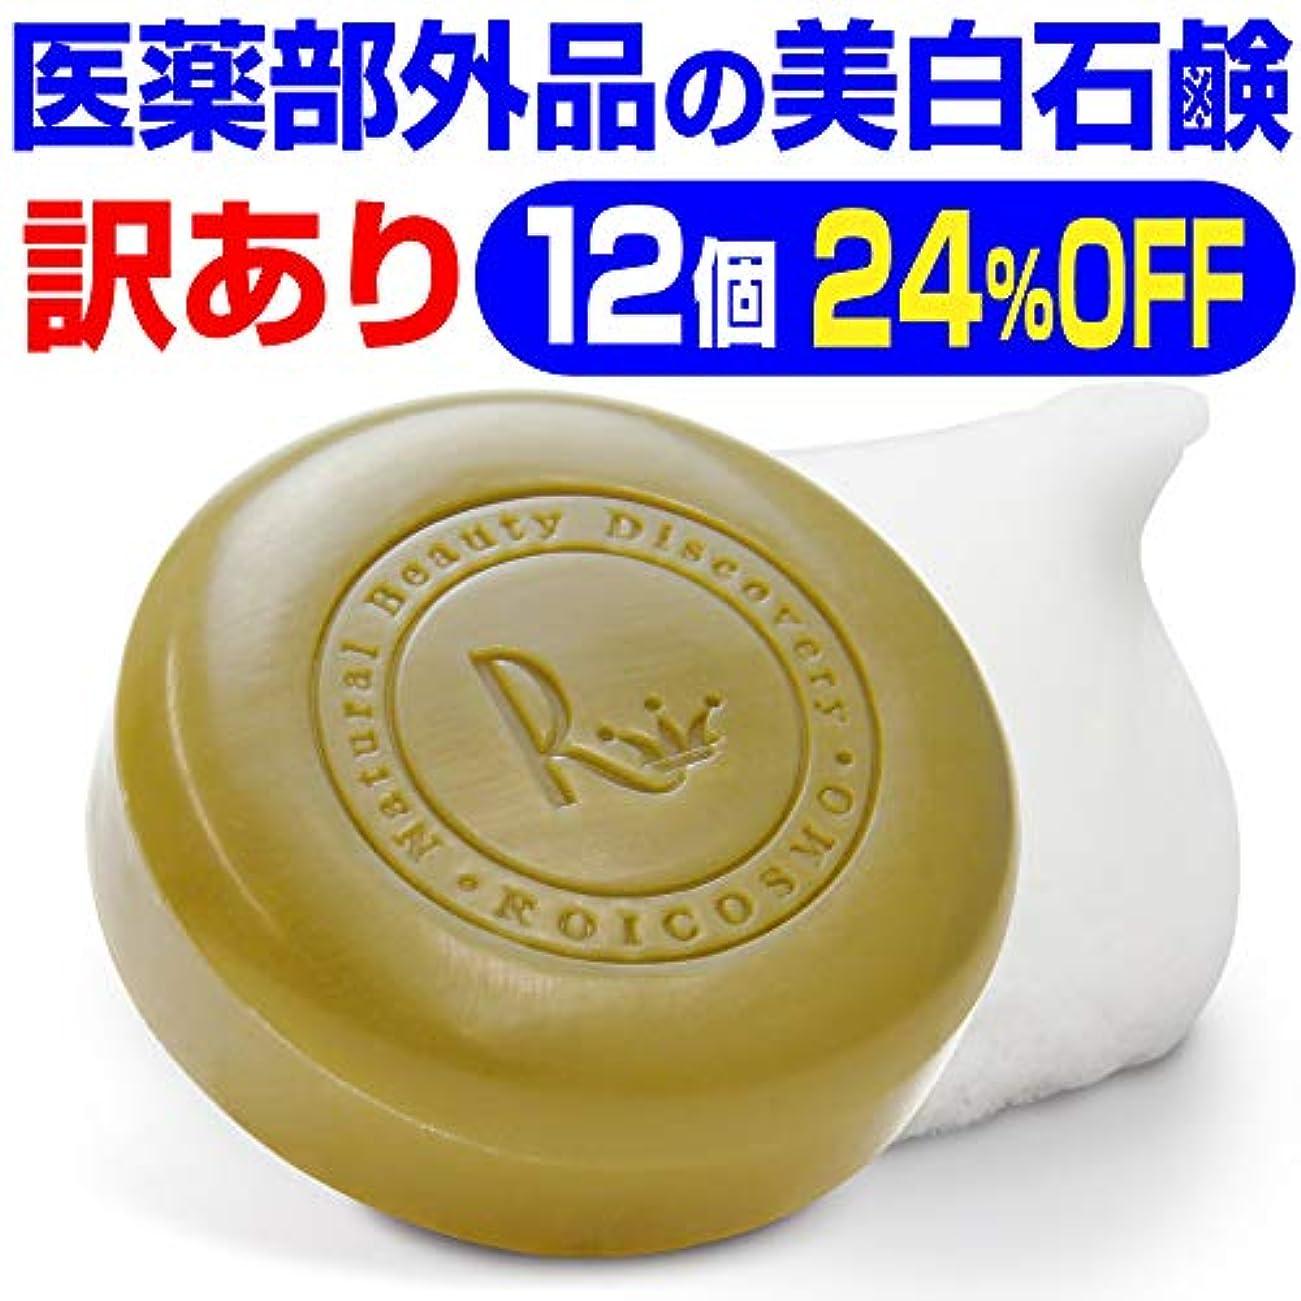 背骨拍手する展望台訳あり24%OFF(1個2,036円)売切れ御免 ビタミンC270倍の美白成分の 洗顔石鹸『ホワイトソープ100g×12個』